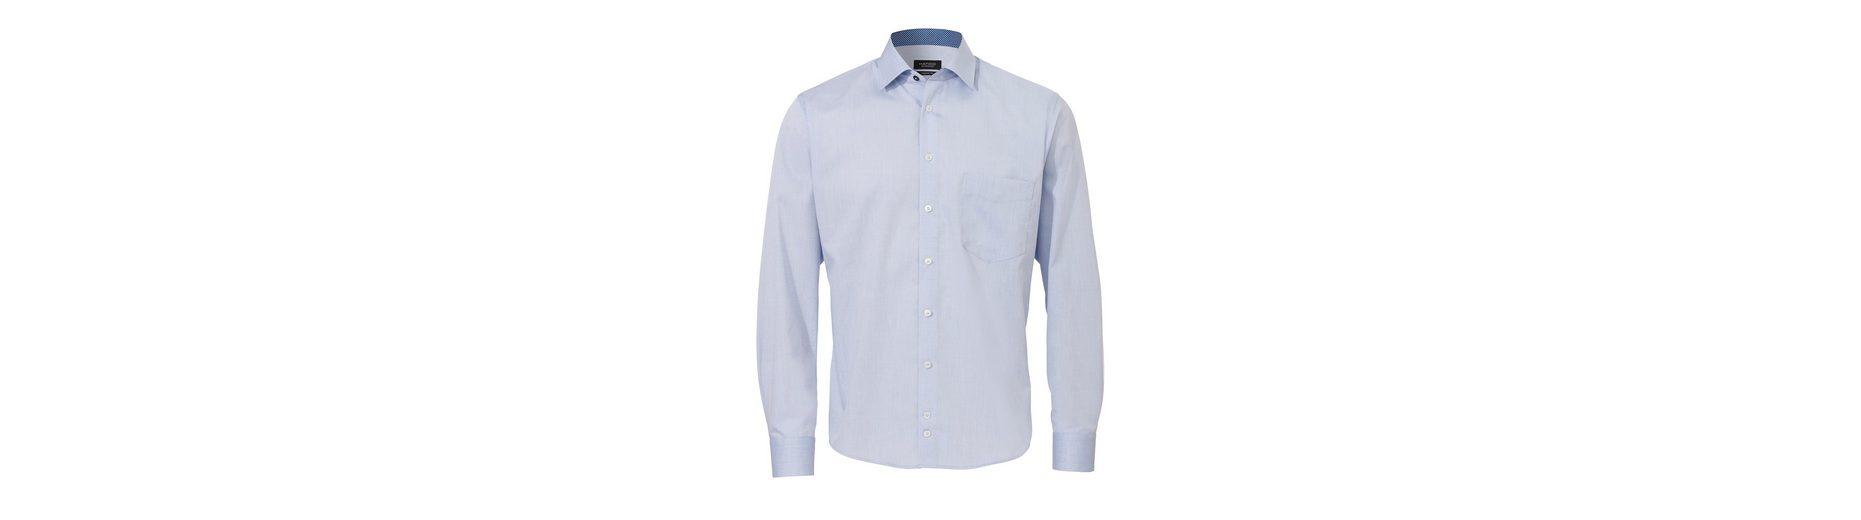 Auslass Footlocker Bilder Hatico Elegante Uni-Hemden im Doppelpack Hatico Jubiläums-Edition Offizielle Seite Kostenloser Versand Verkauf Klassische Rabatt Besuch Neu seIgmm